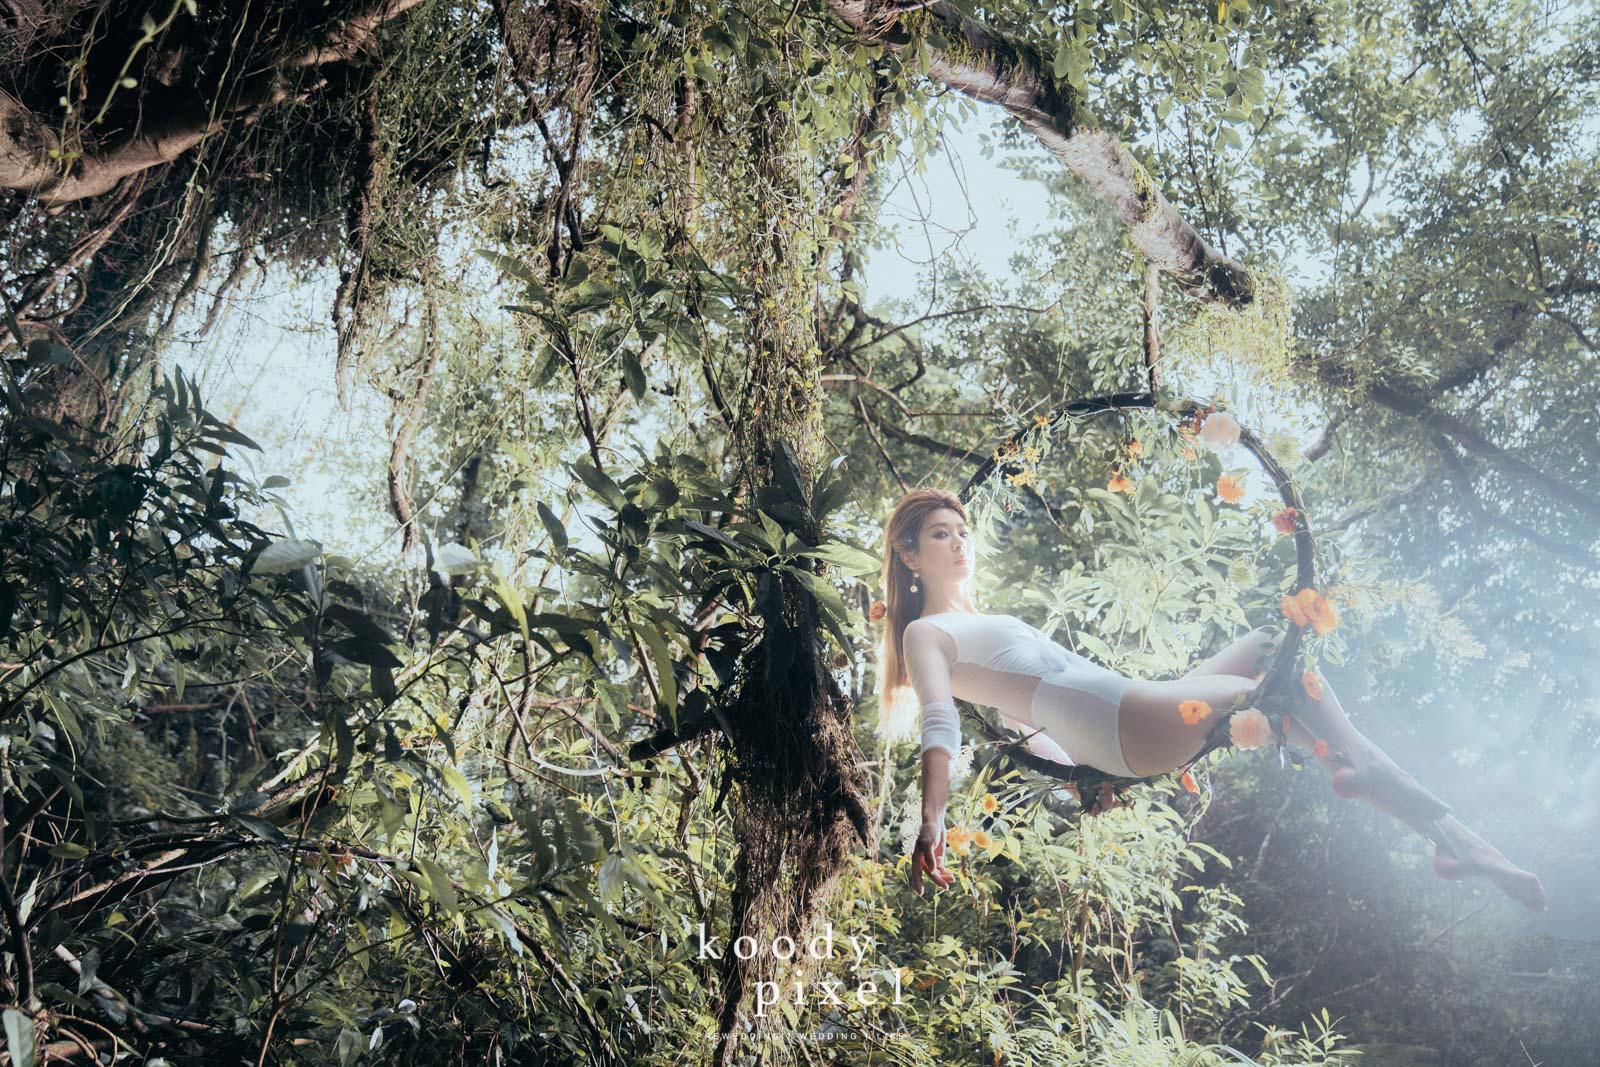 Aerial hoop photography 空中呼拉圈攝影